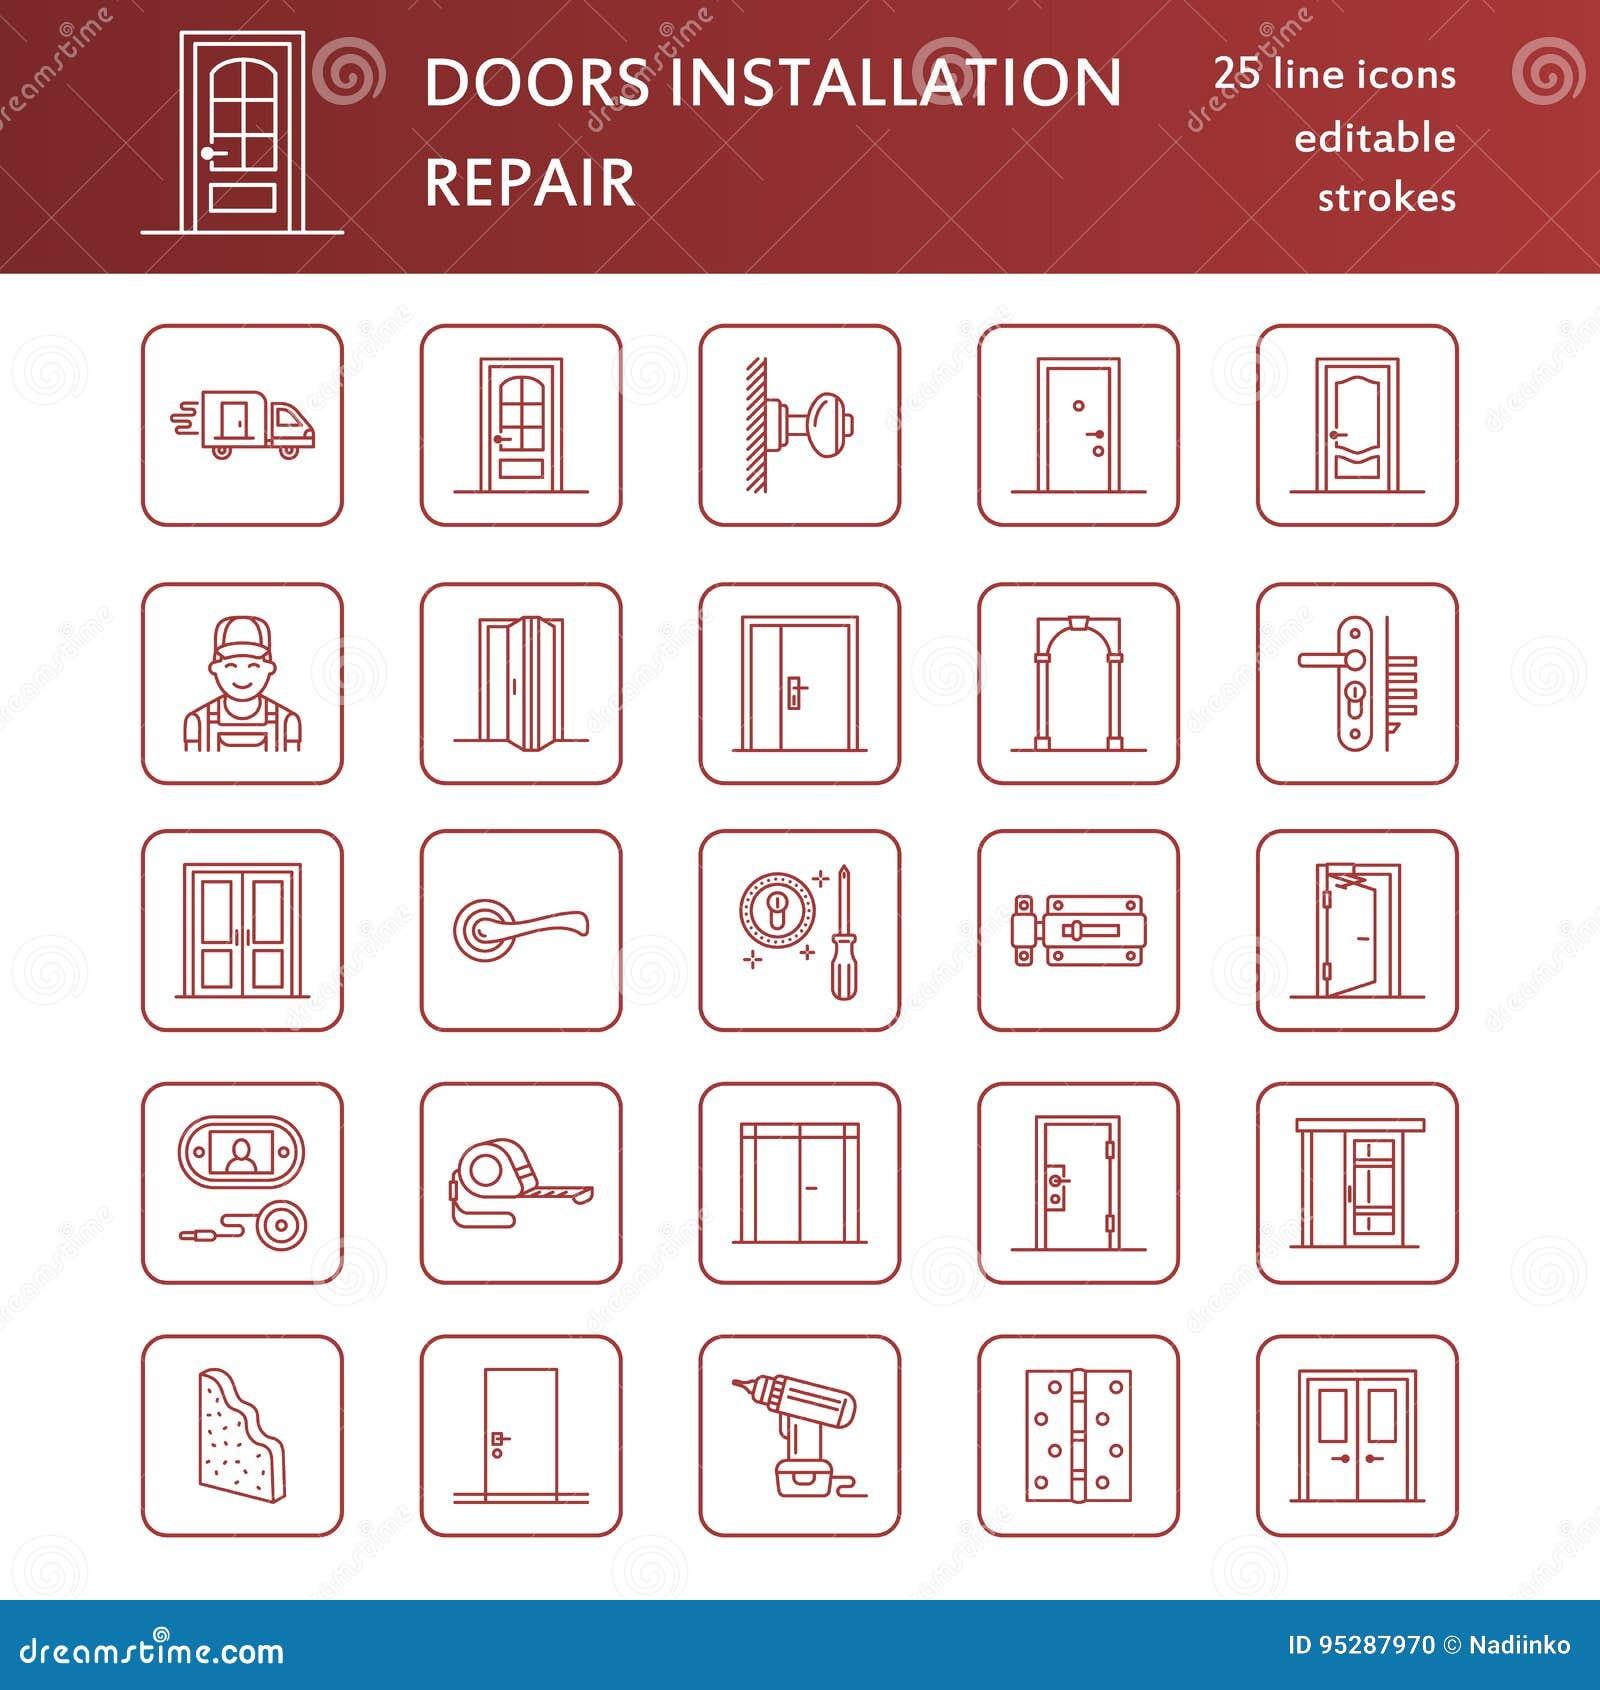 Doors Installation Repair Line Icons Various Door Types Handle